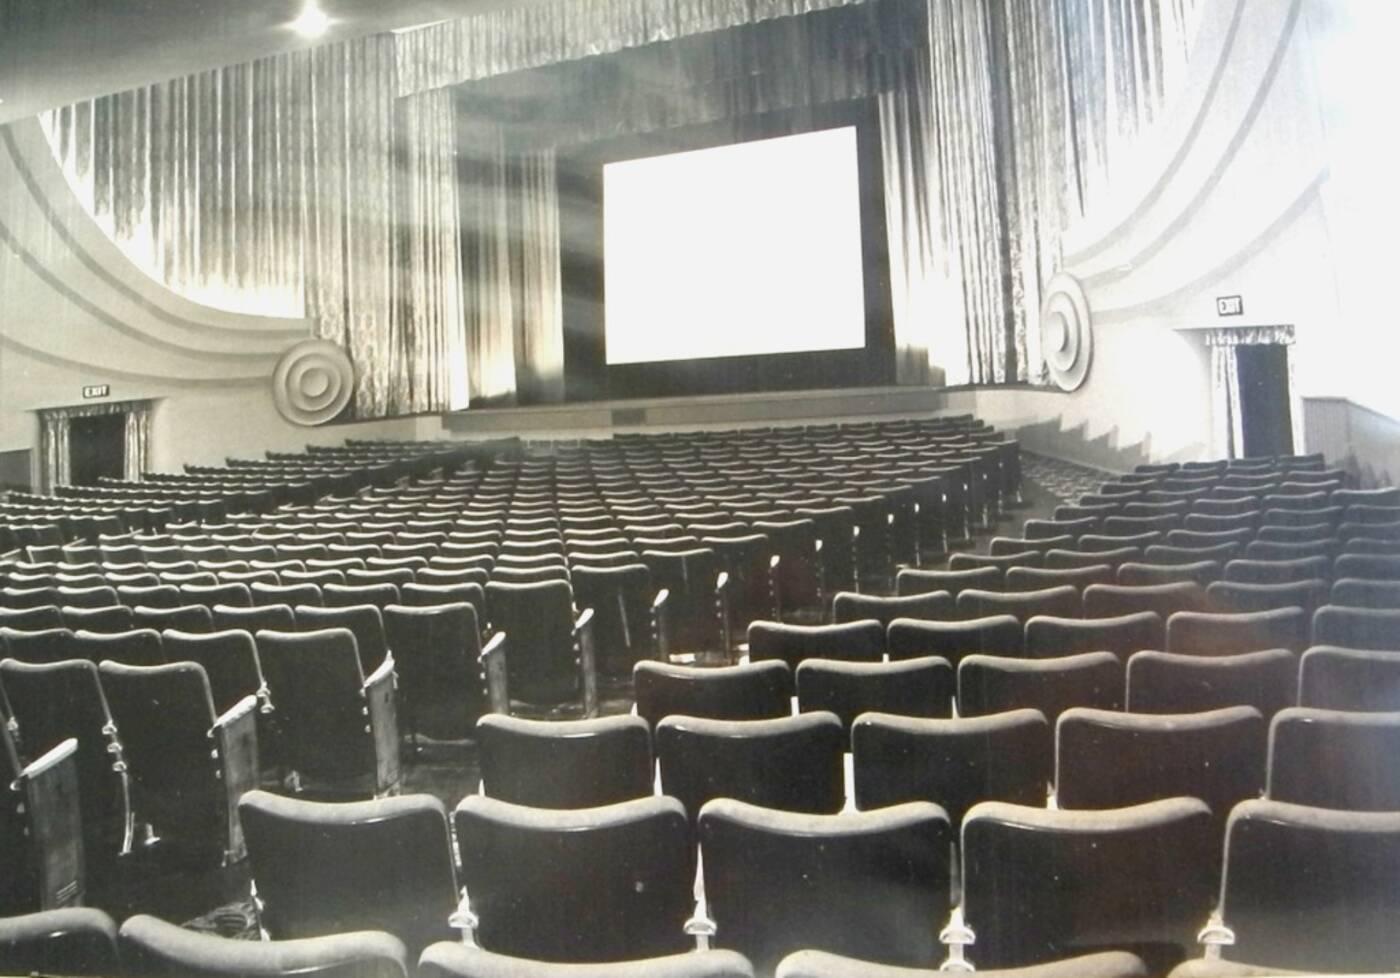 odeon Danforth theatre